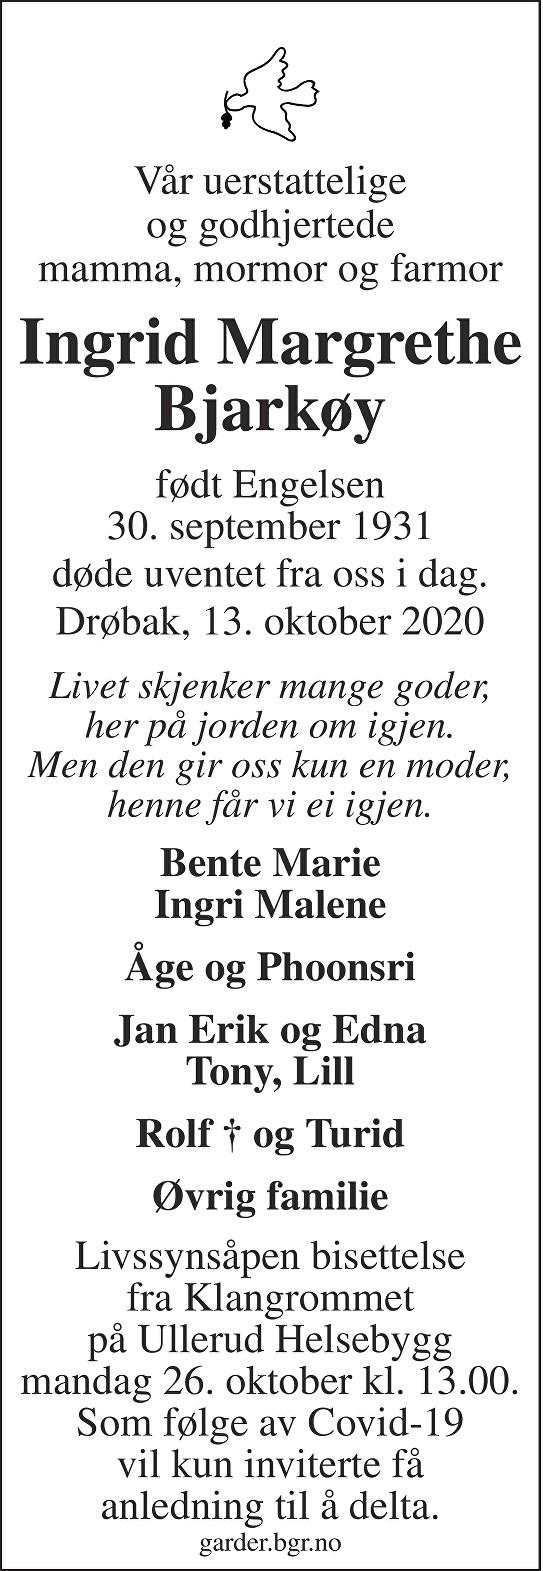 Ingrid Margrethe Bjarkøy Dødsannonse